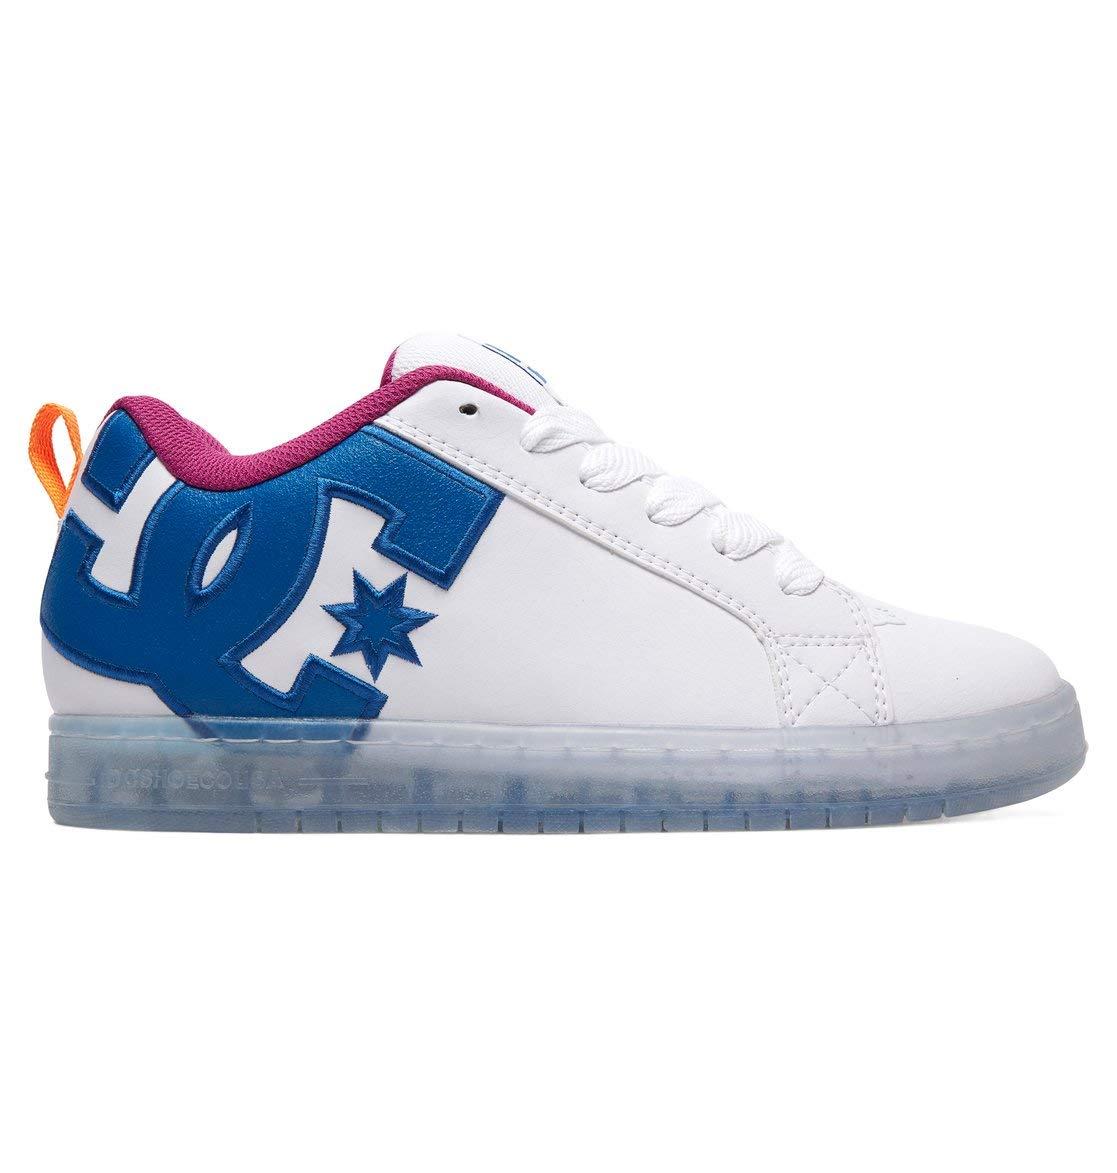 DC Men's Court Graffik SE Skate Shoe, White/Black/Cyan, 12 M US